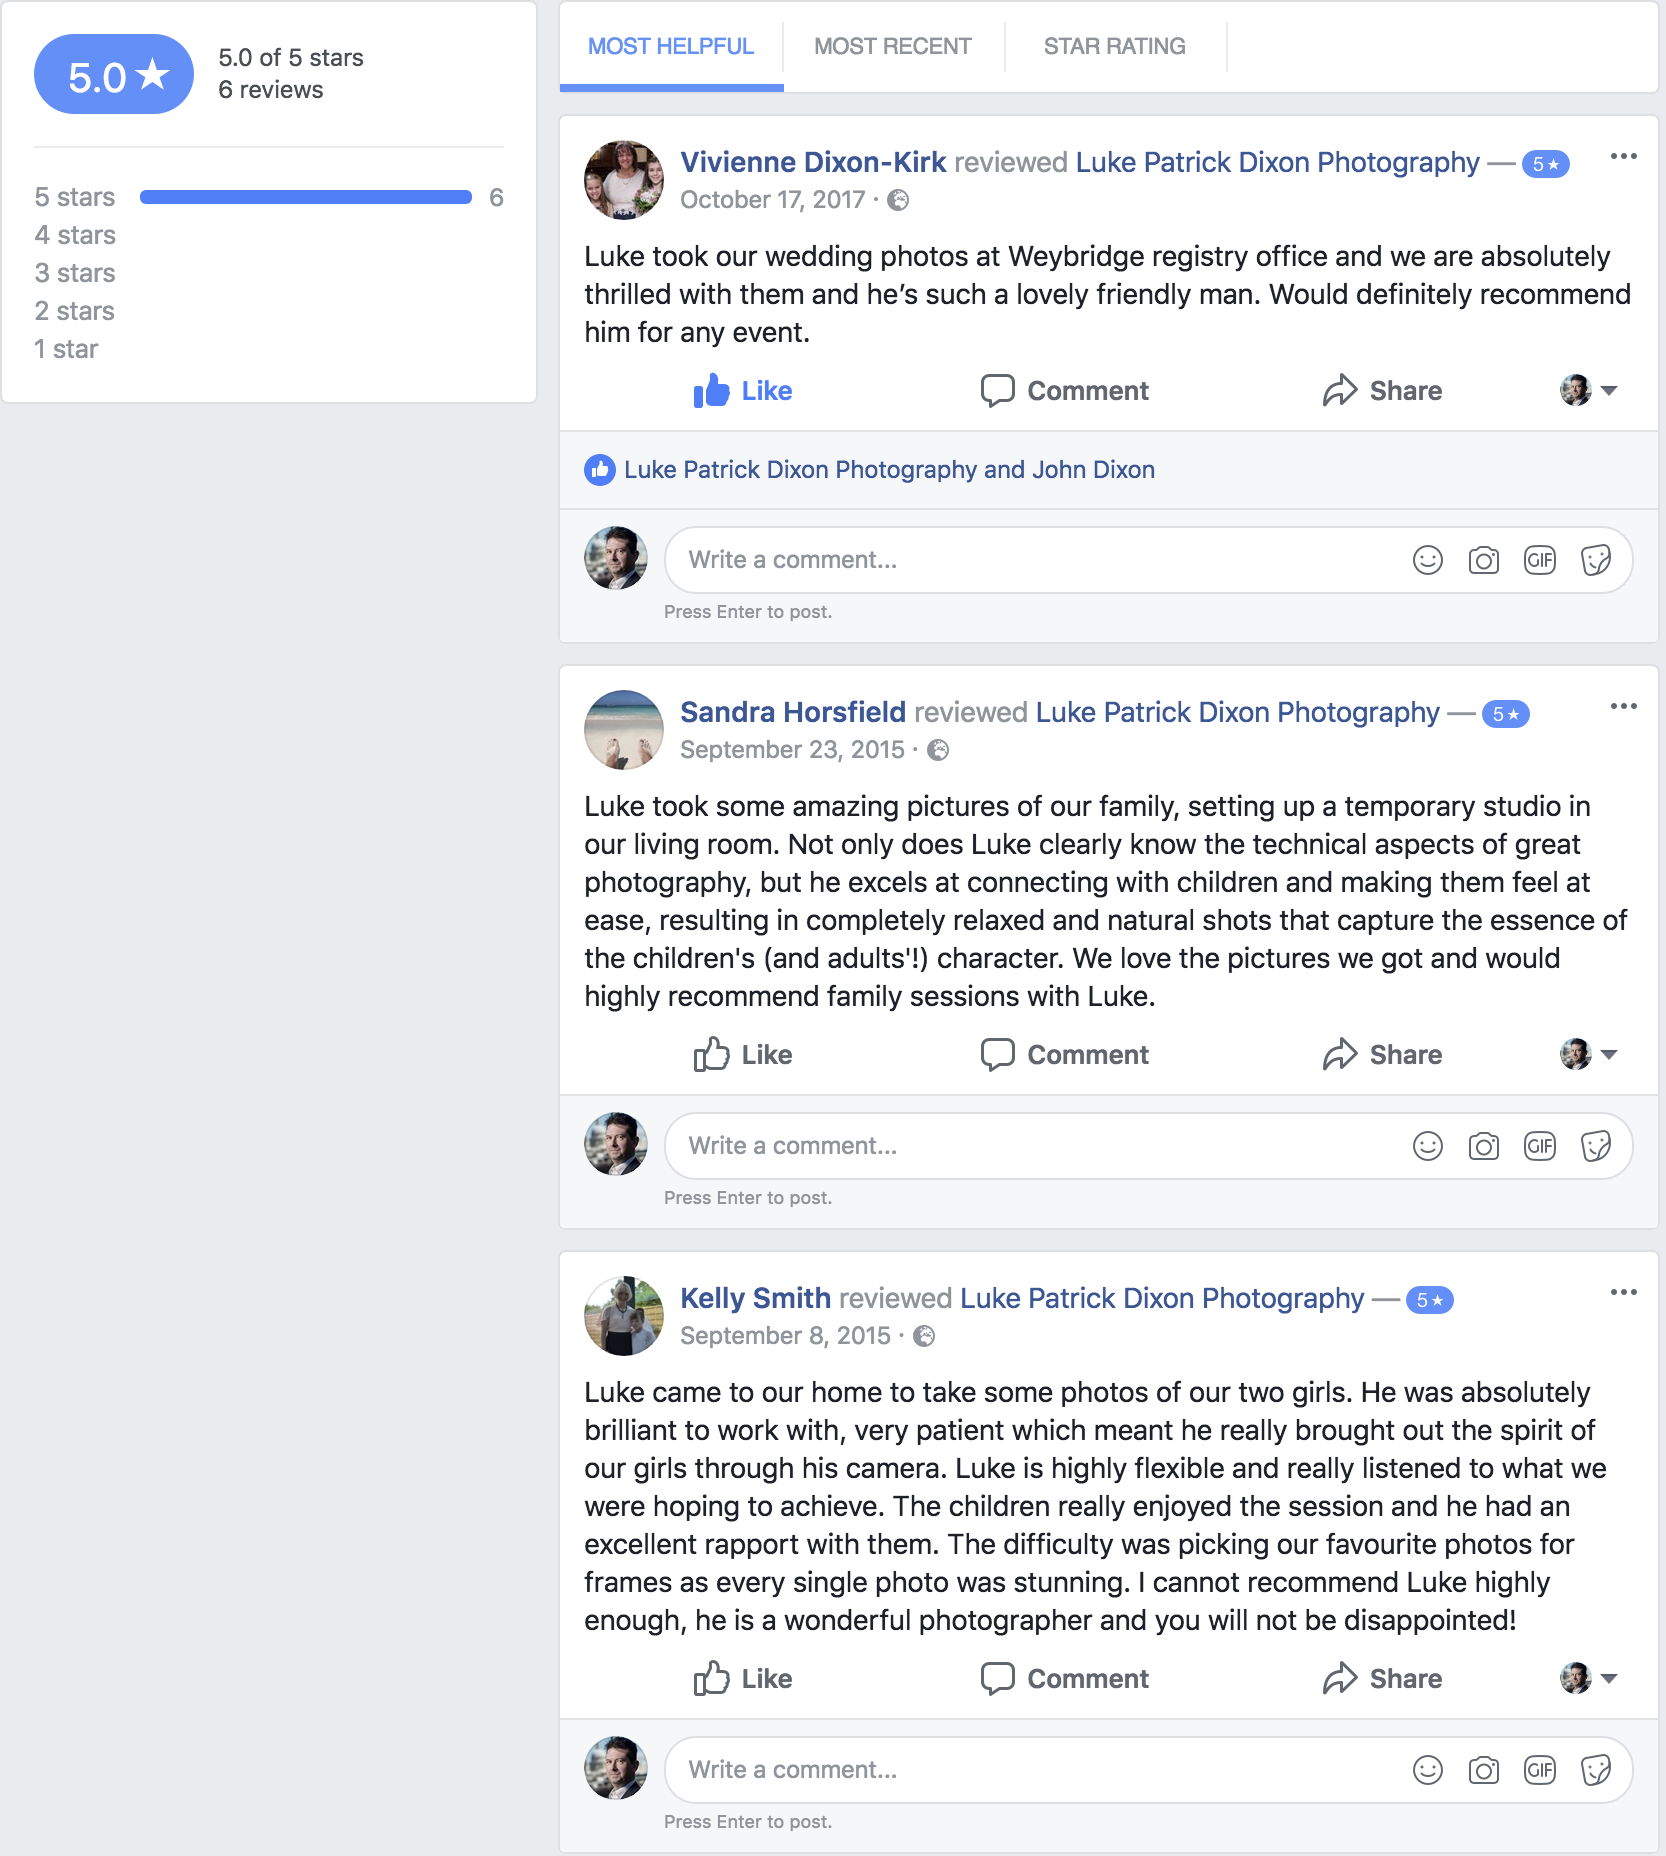 2018-02-06, 12.09.28 LPDP Facebook reviews.png